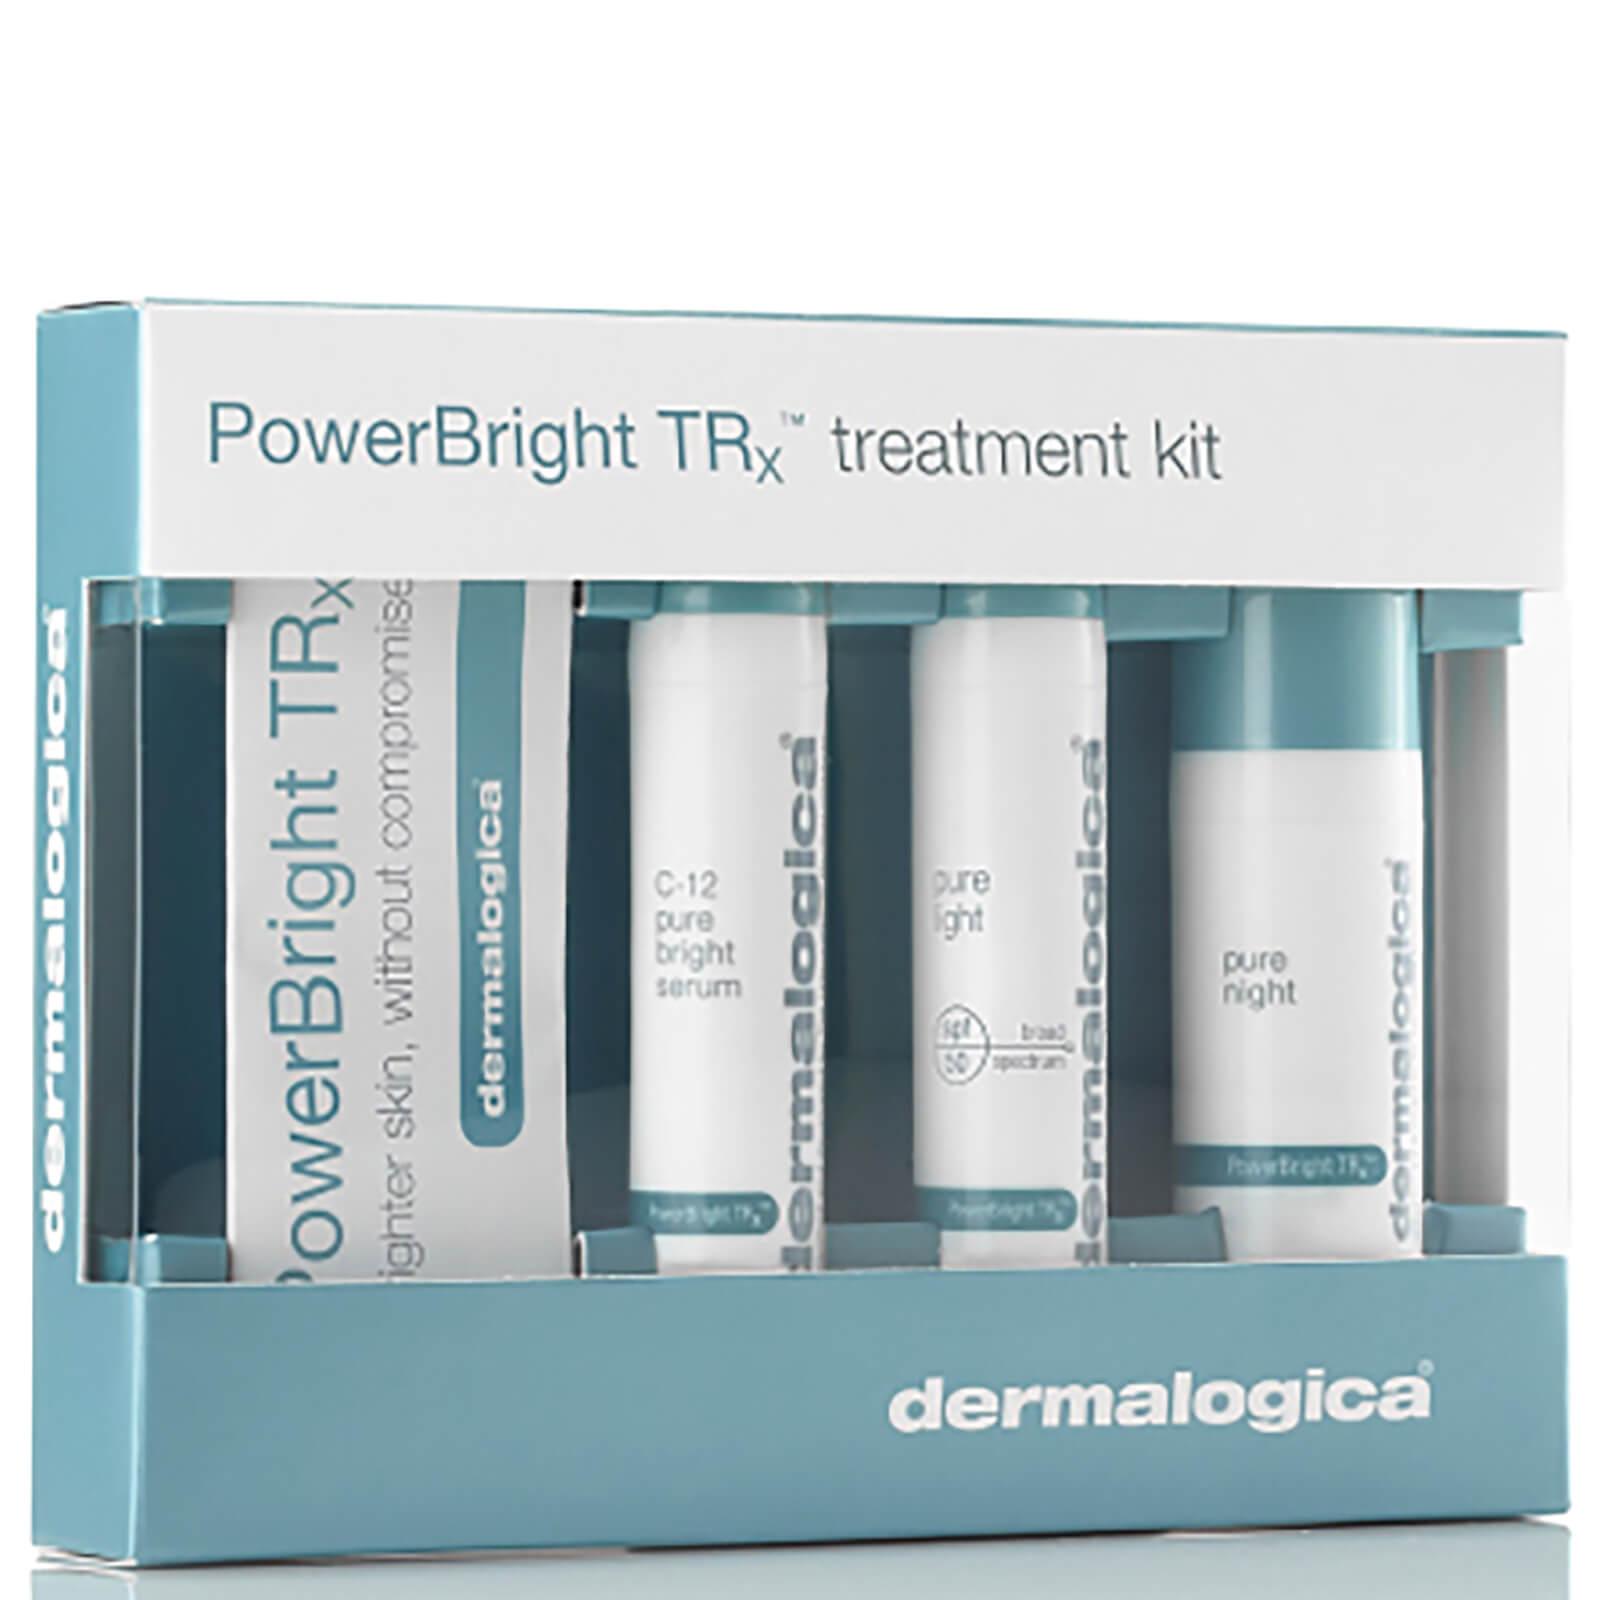 d2f48bbc9ff Dermalogica PowerBright TRx™ Skin Kit